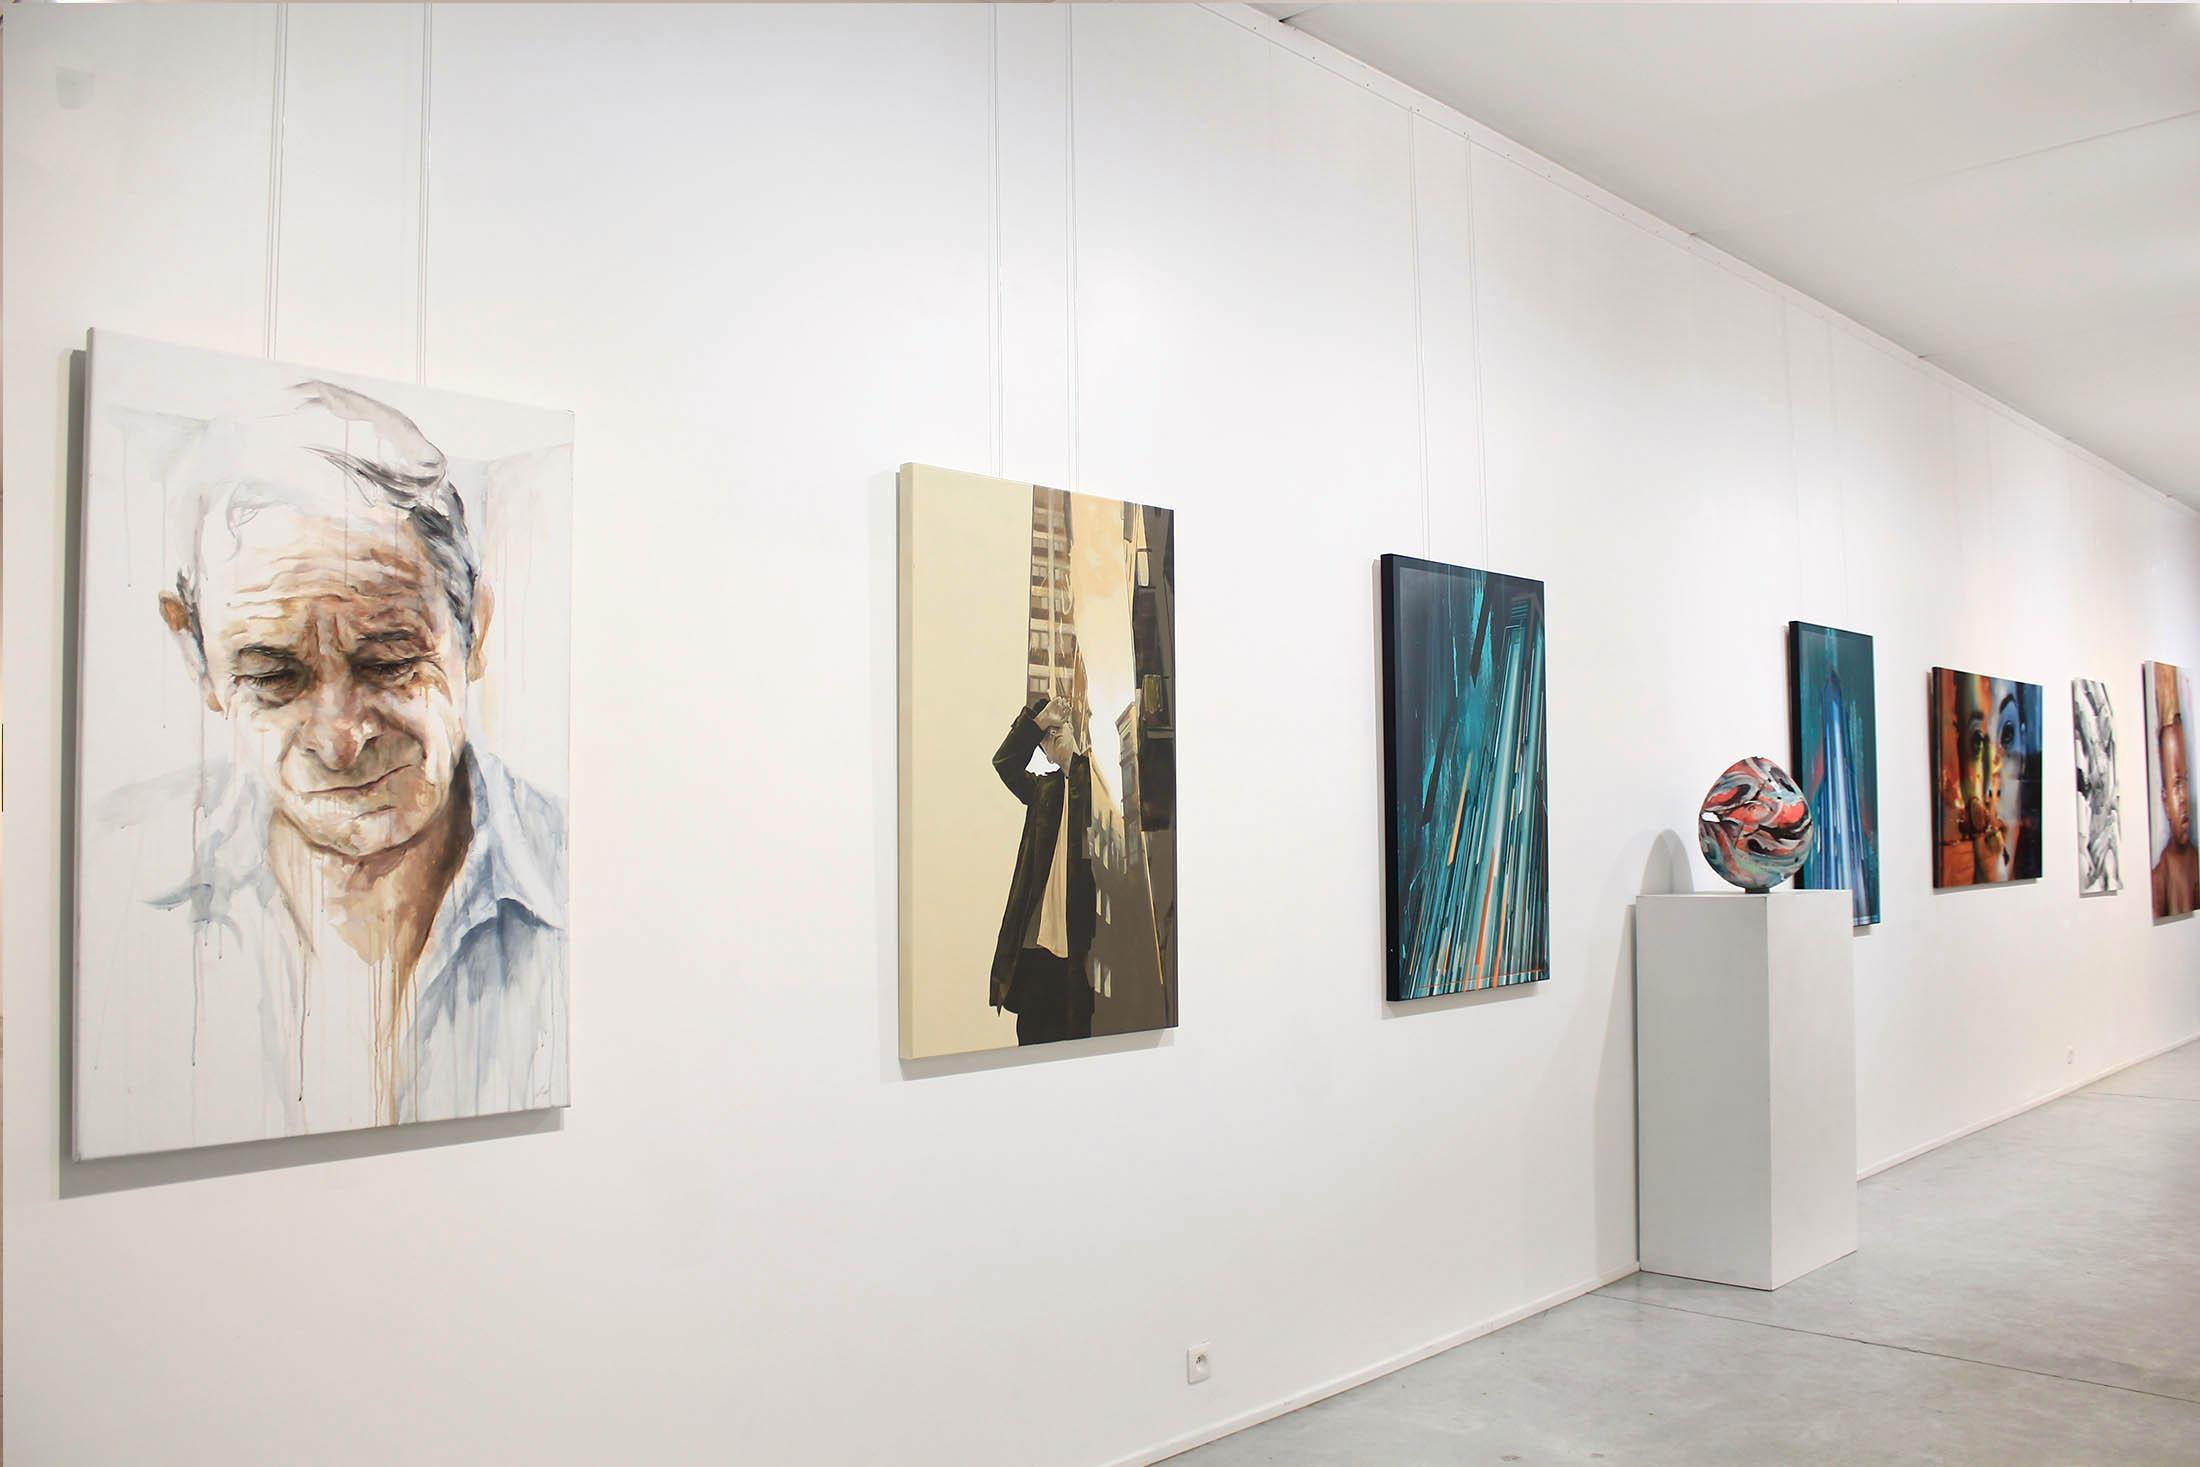 https://www.propaganza.be/wp-content/uploads/2019/04/Propaganza-Knokke-Expo-Ten-Gallery-graffiti-street-art-4.jpg